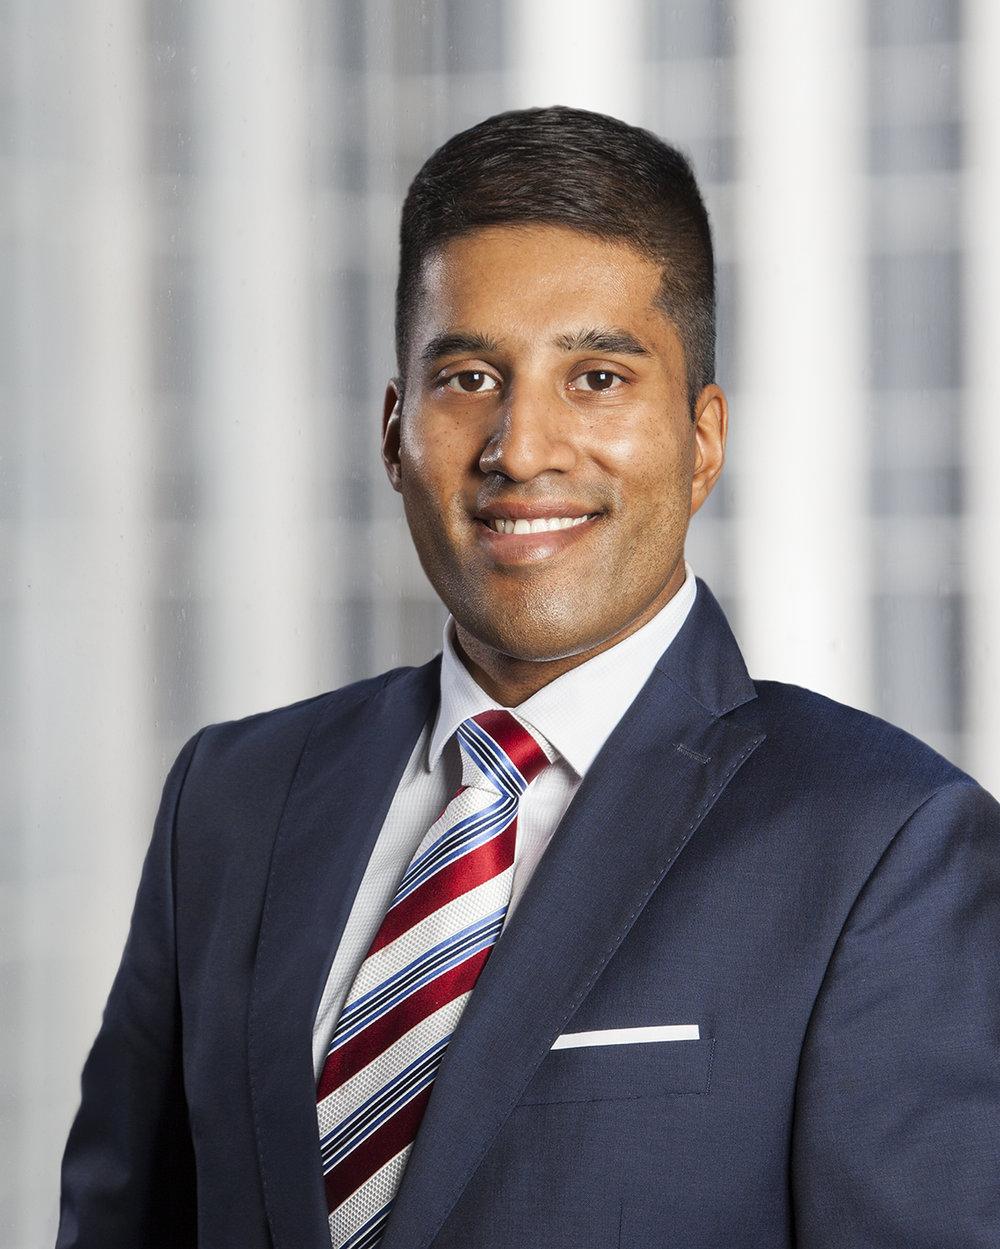 Khalid Karim